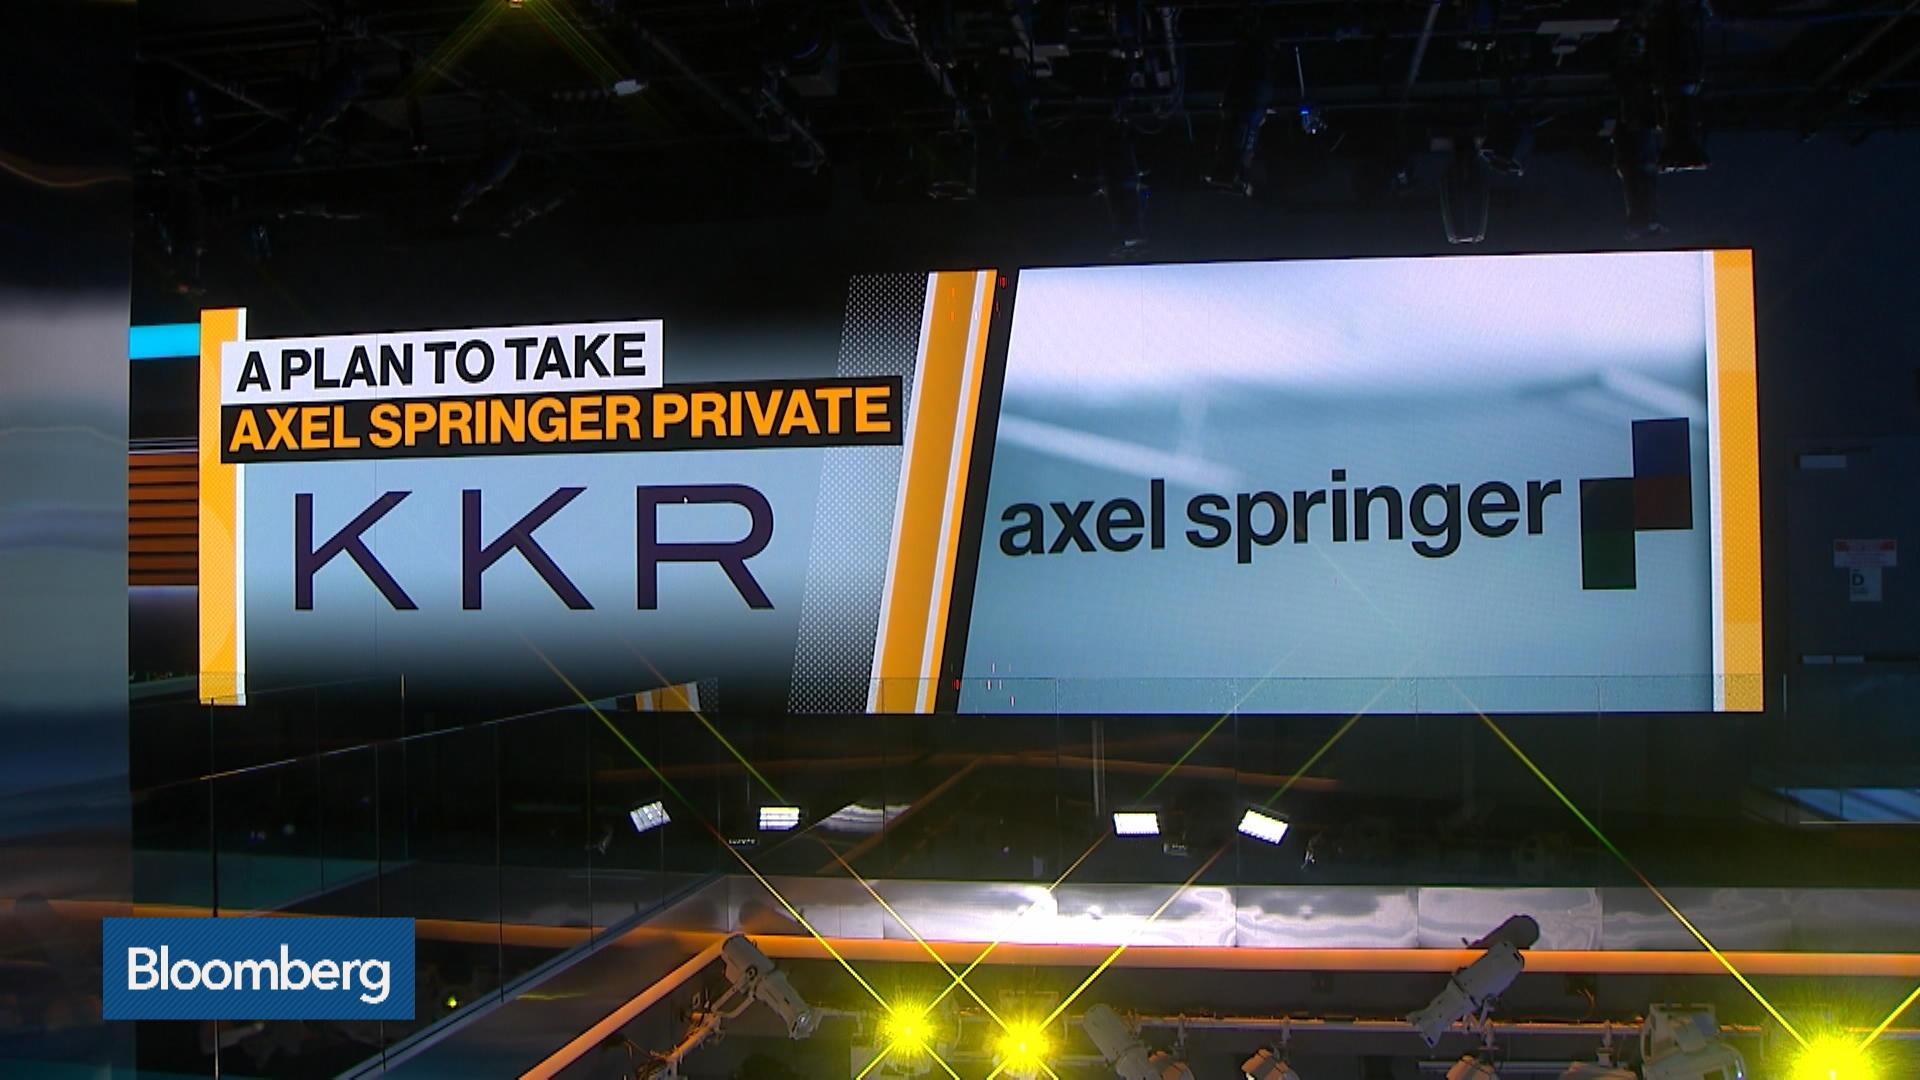 KKR:New York Stock Quote - KKR & Co Inc - Bloomberg Markets